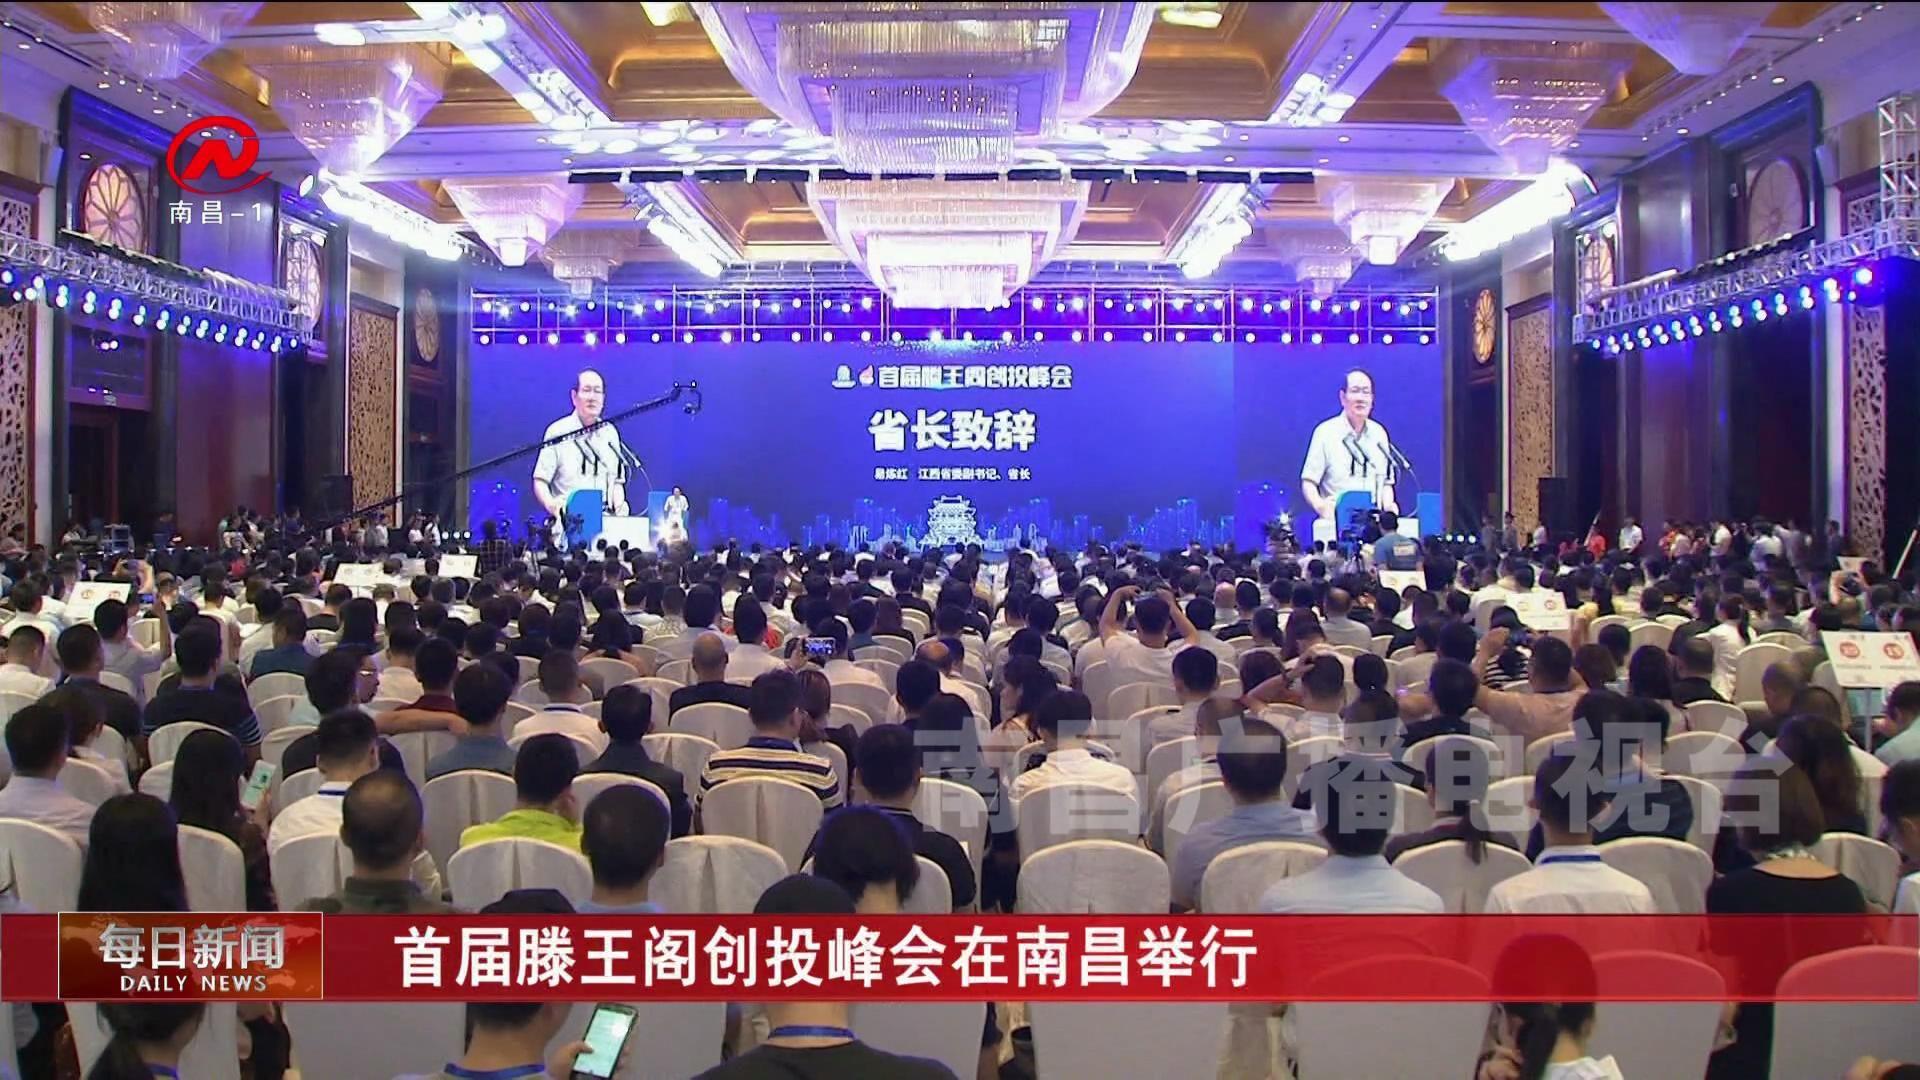 首屆滕王閣創投峰會在南昌舉行